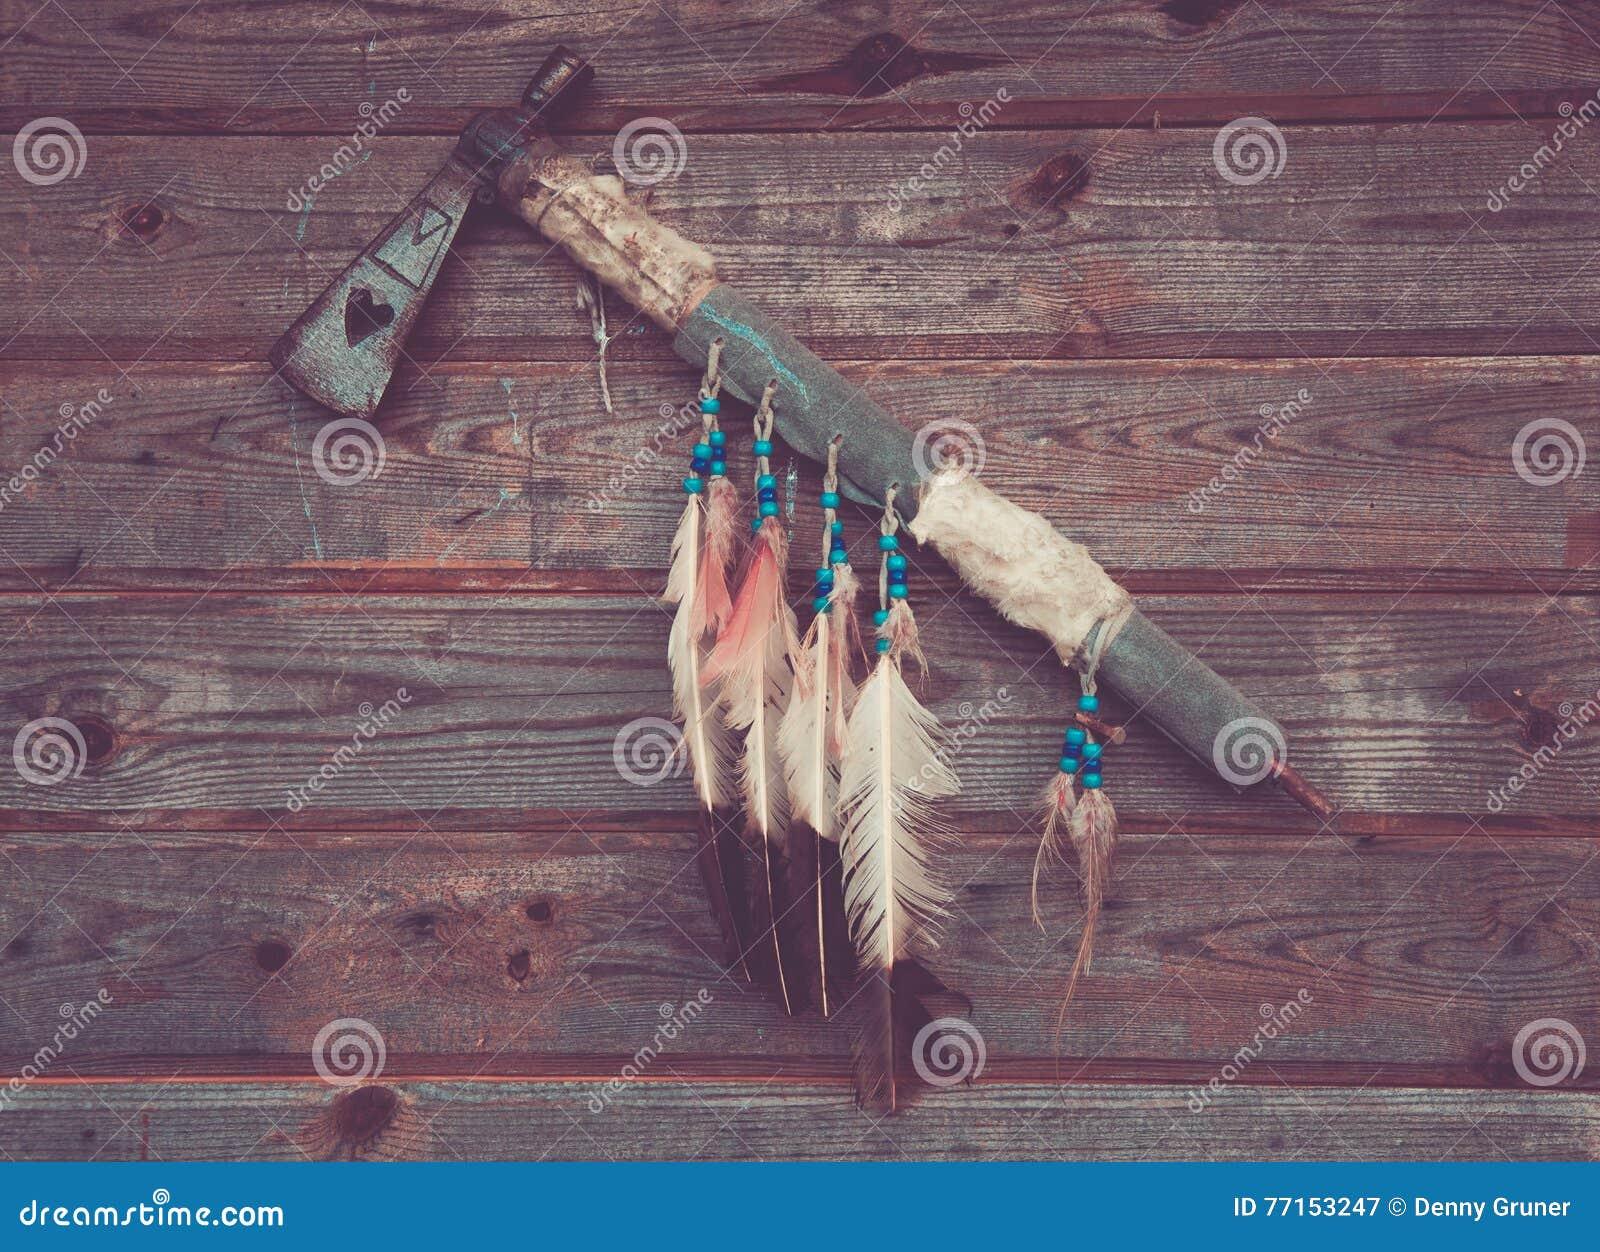 Indiens de hache sur un mur en bois